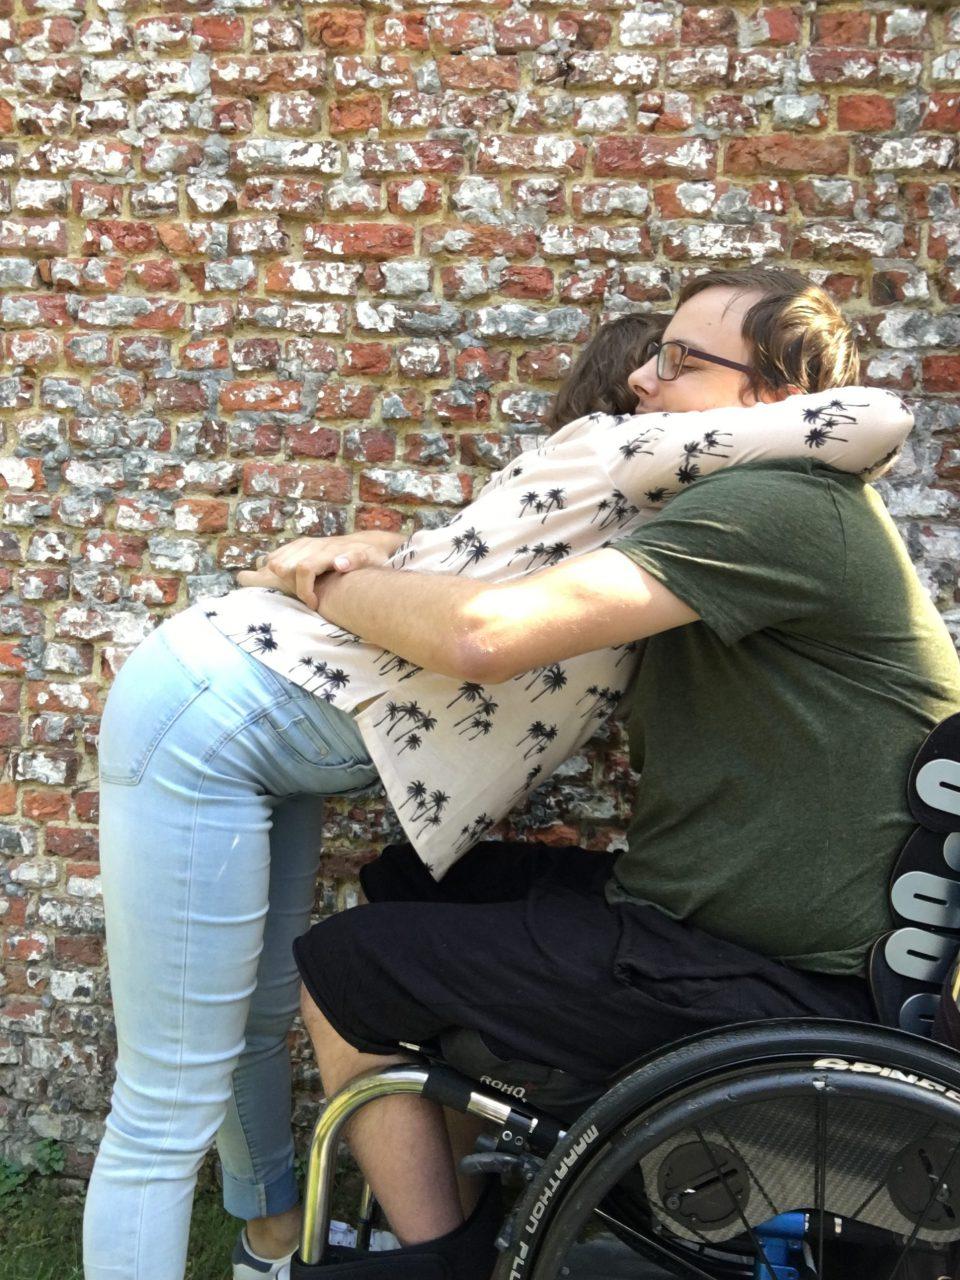 een knuffel met iemand in een rolstoel